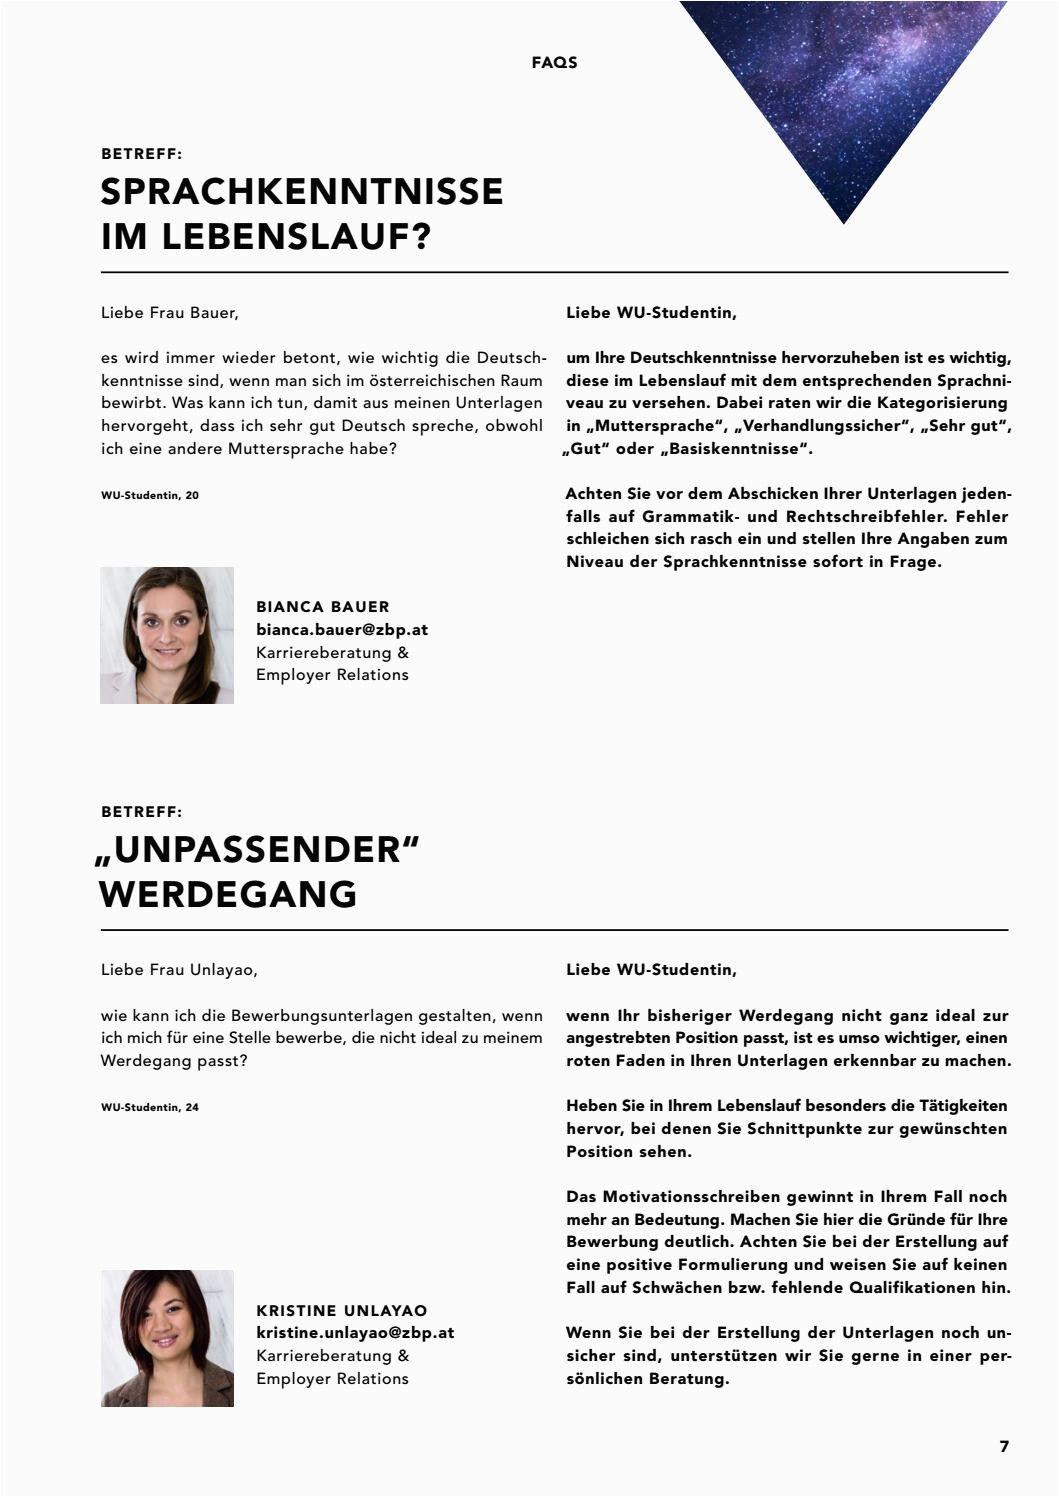 Deutschkenntnisse Lebenslauf In 2020 Lebenslauf Lebenslauf Beispiele Sprachkenntnisse